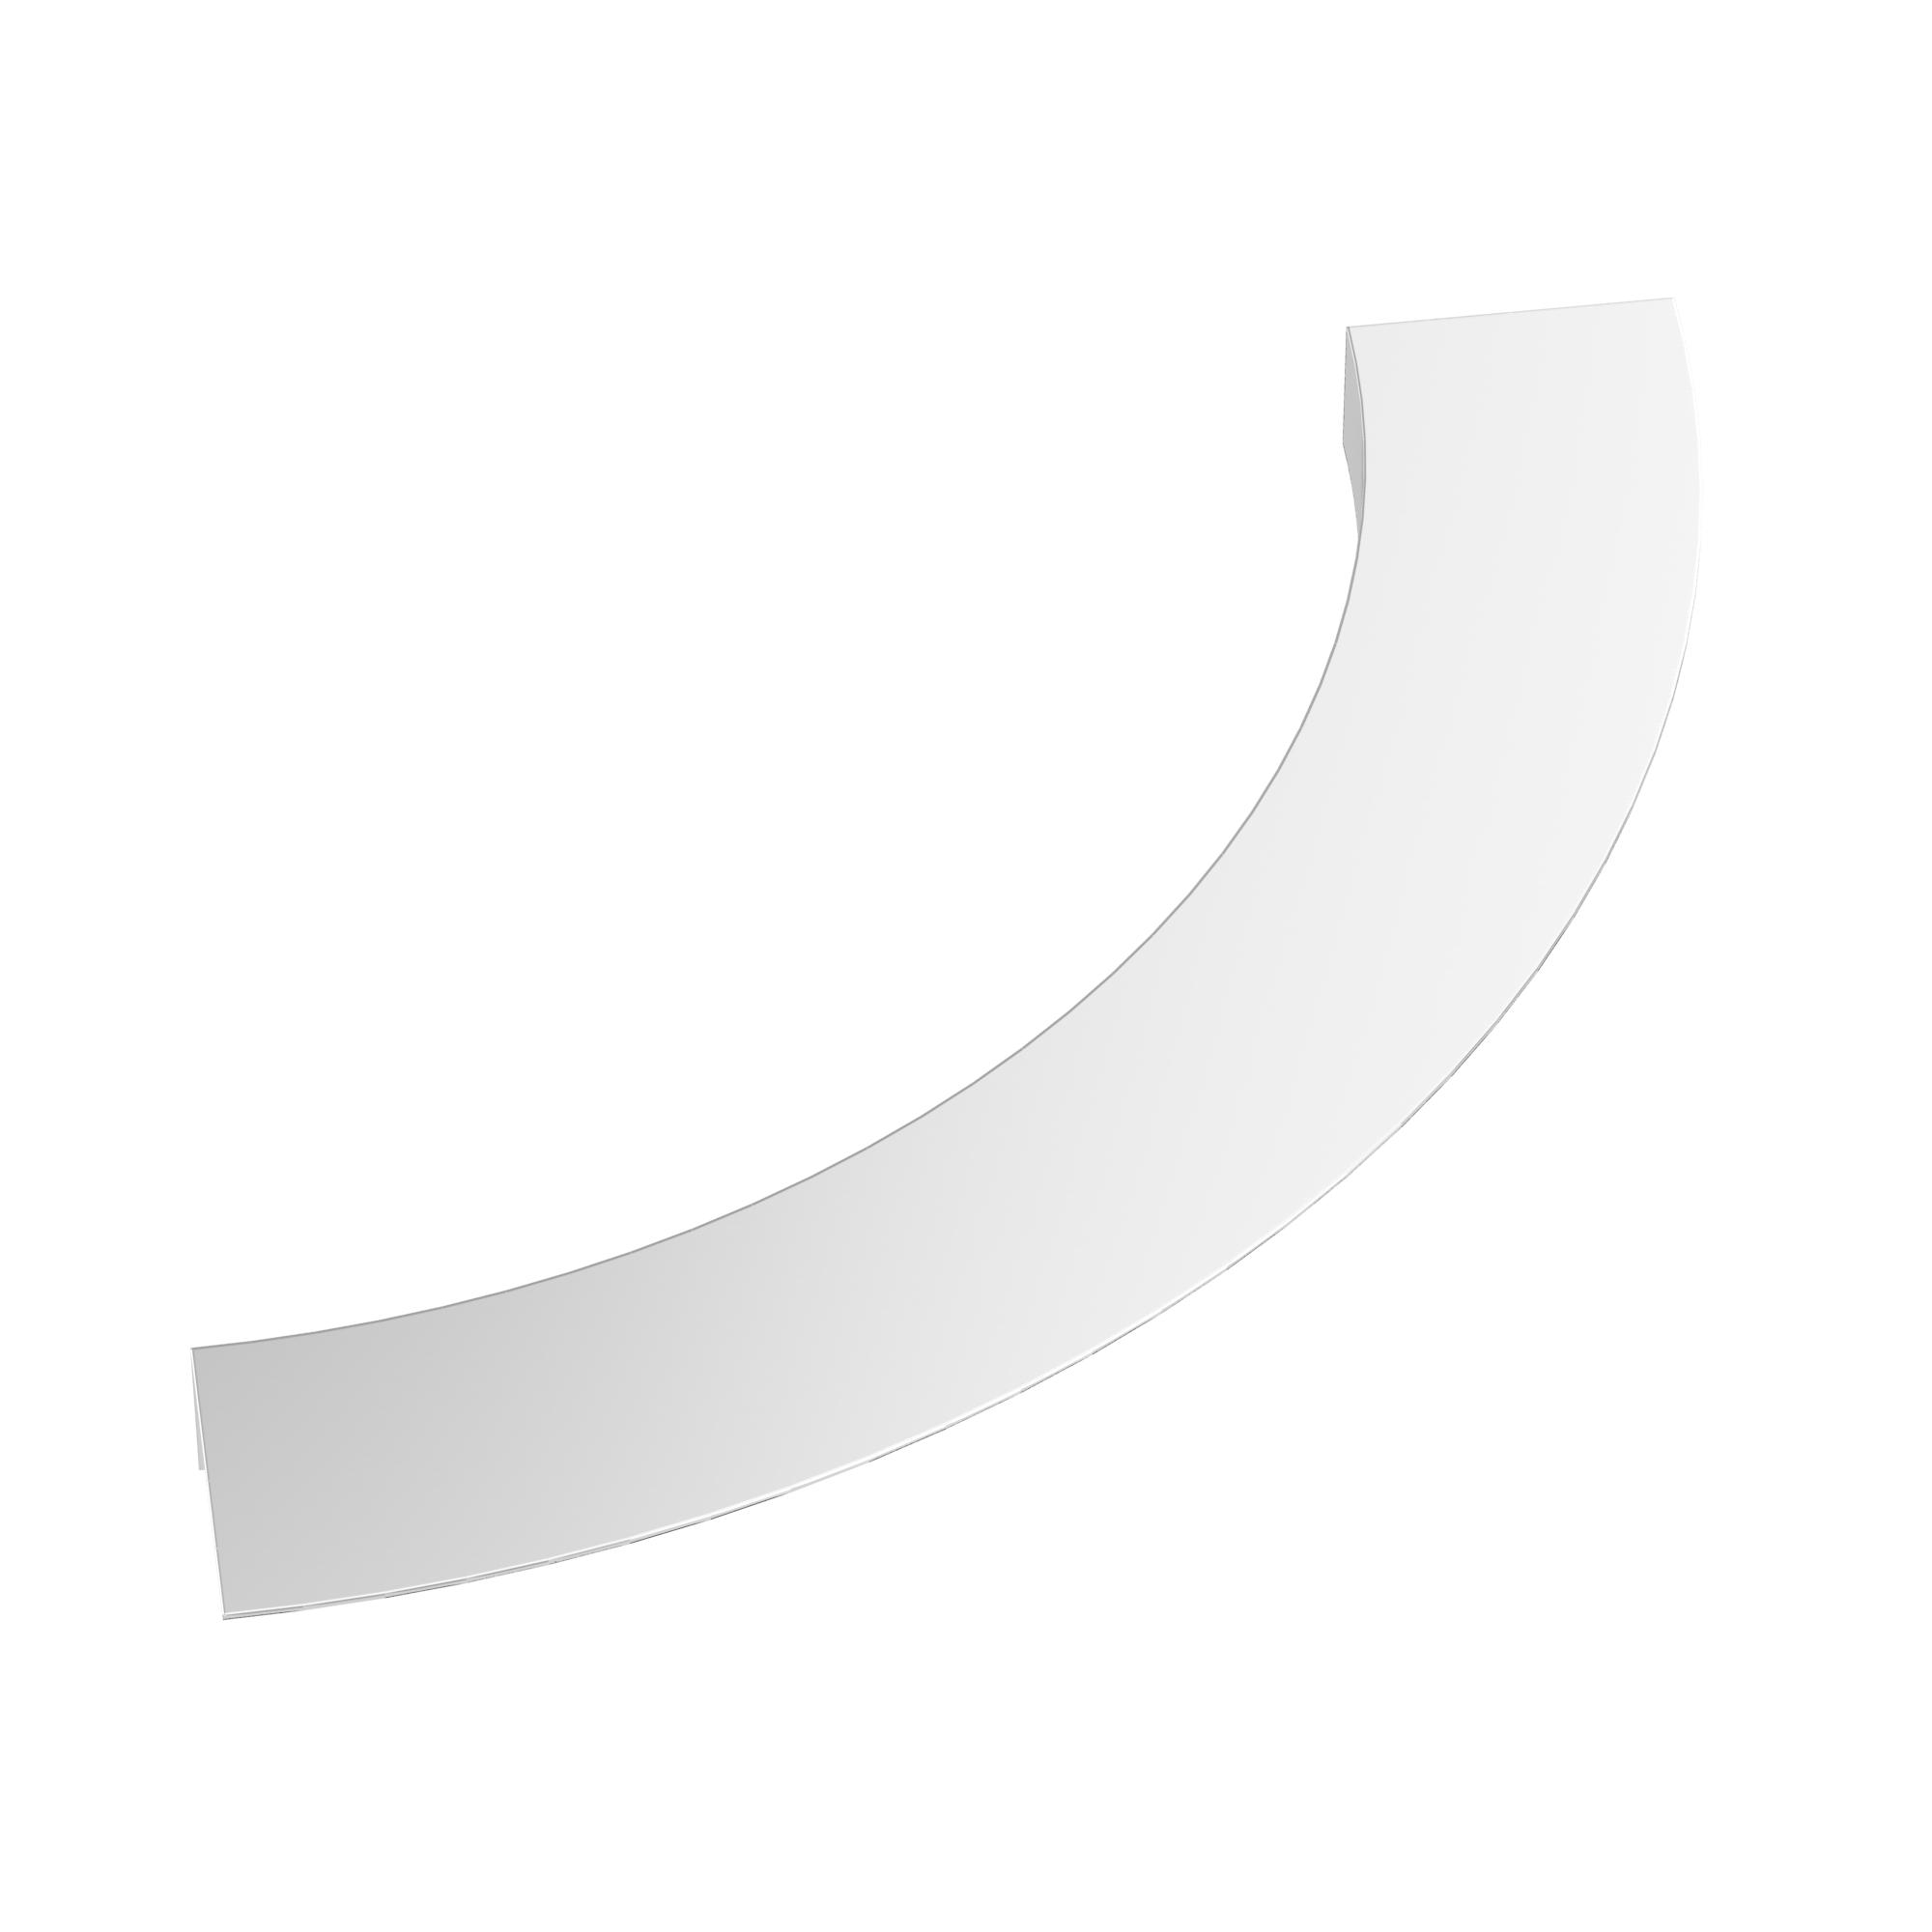 Монтажные элементы: Монтажный фланец SAWO TH-COLLAR-ST2-CNR для печи TOWER TH2, TH3 (сталь) ограждения и коврики деревянное ограждение sawo th guard w2 cnr d для печи угловой установки tower th2 и th3 кедр